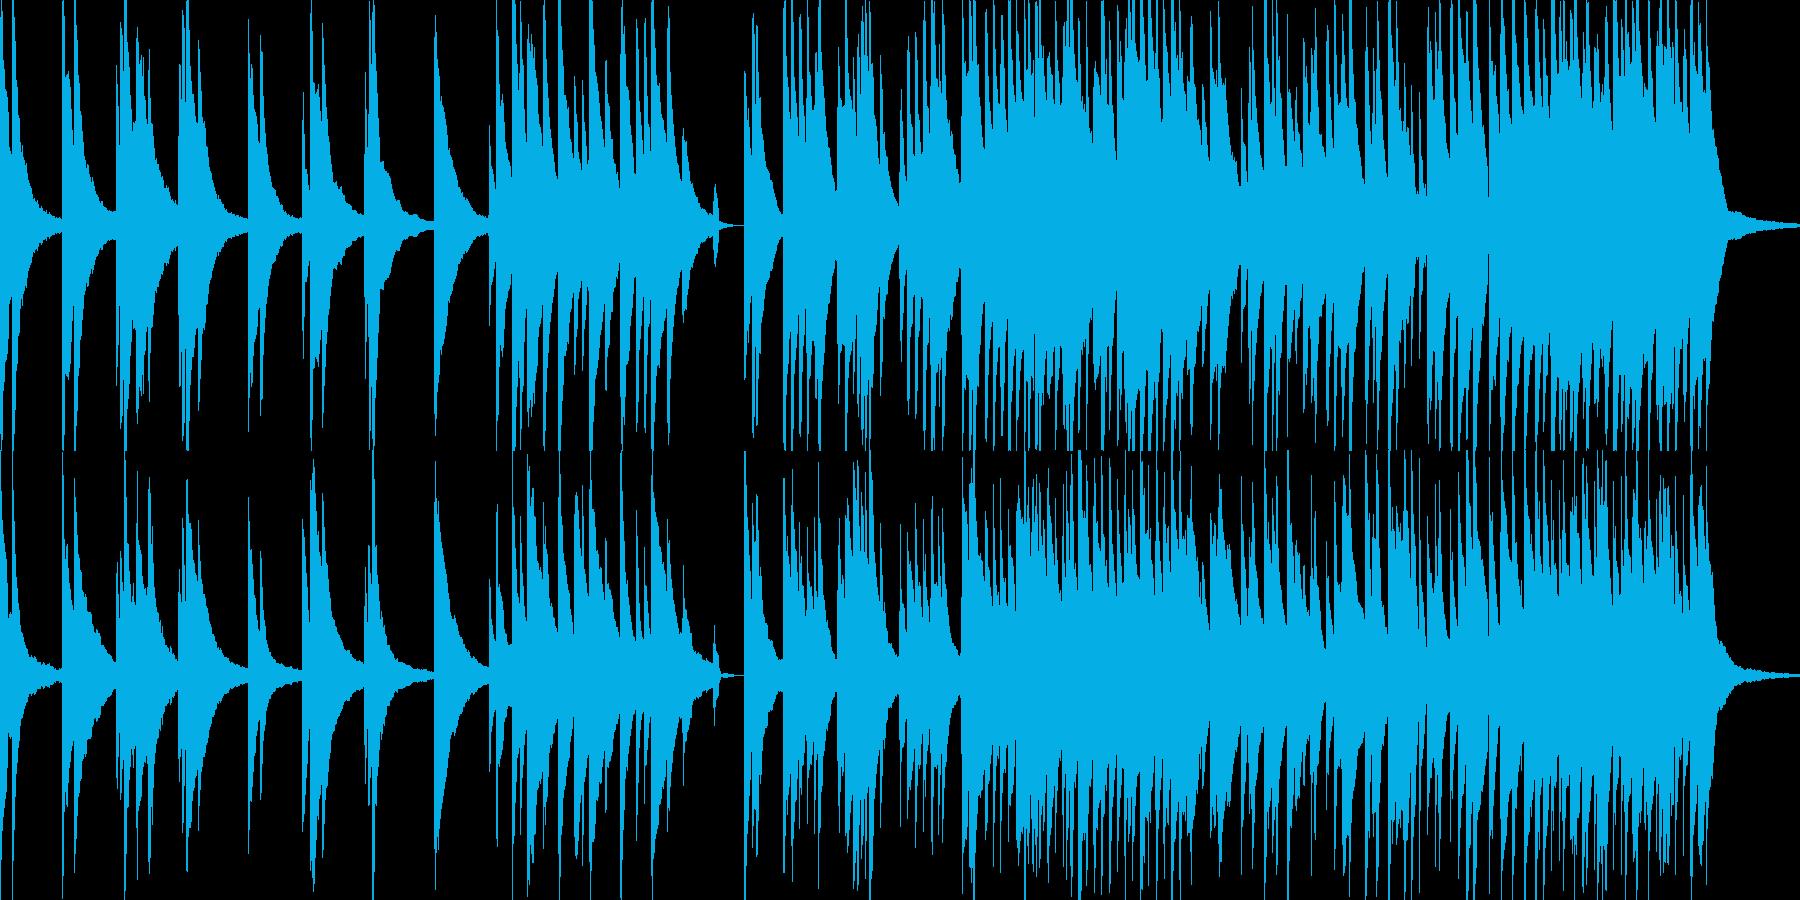 悲哀感のあるピアノソロの再生済みの波形